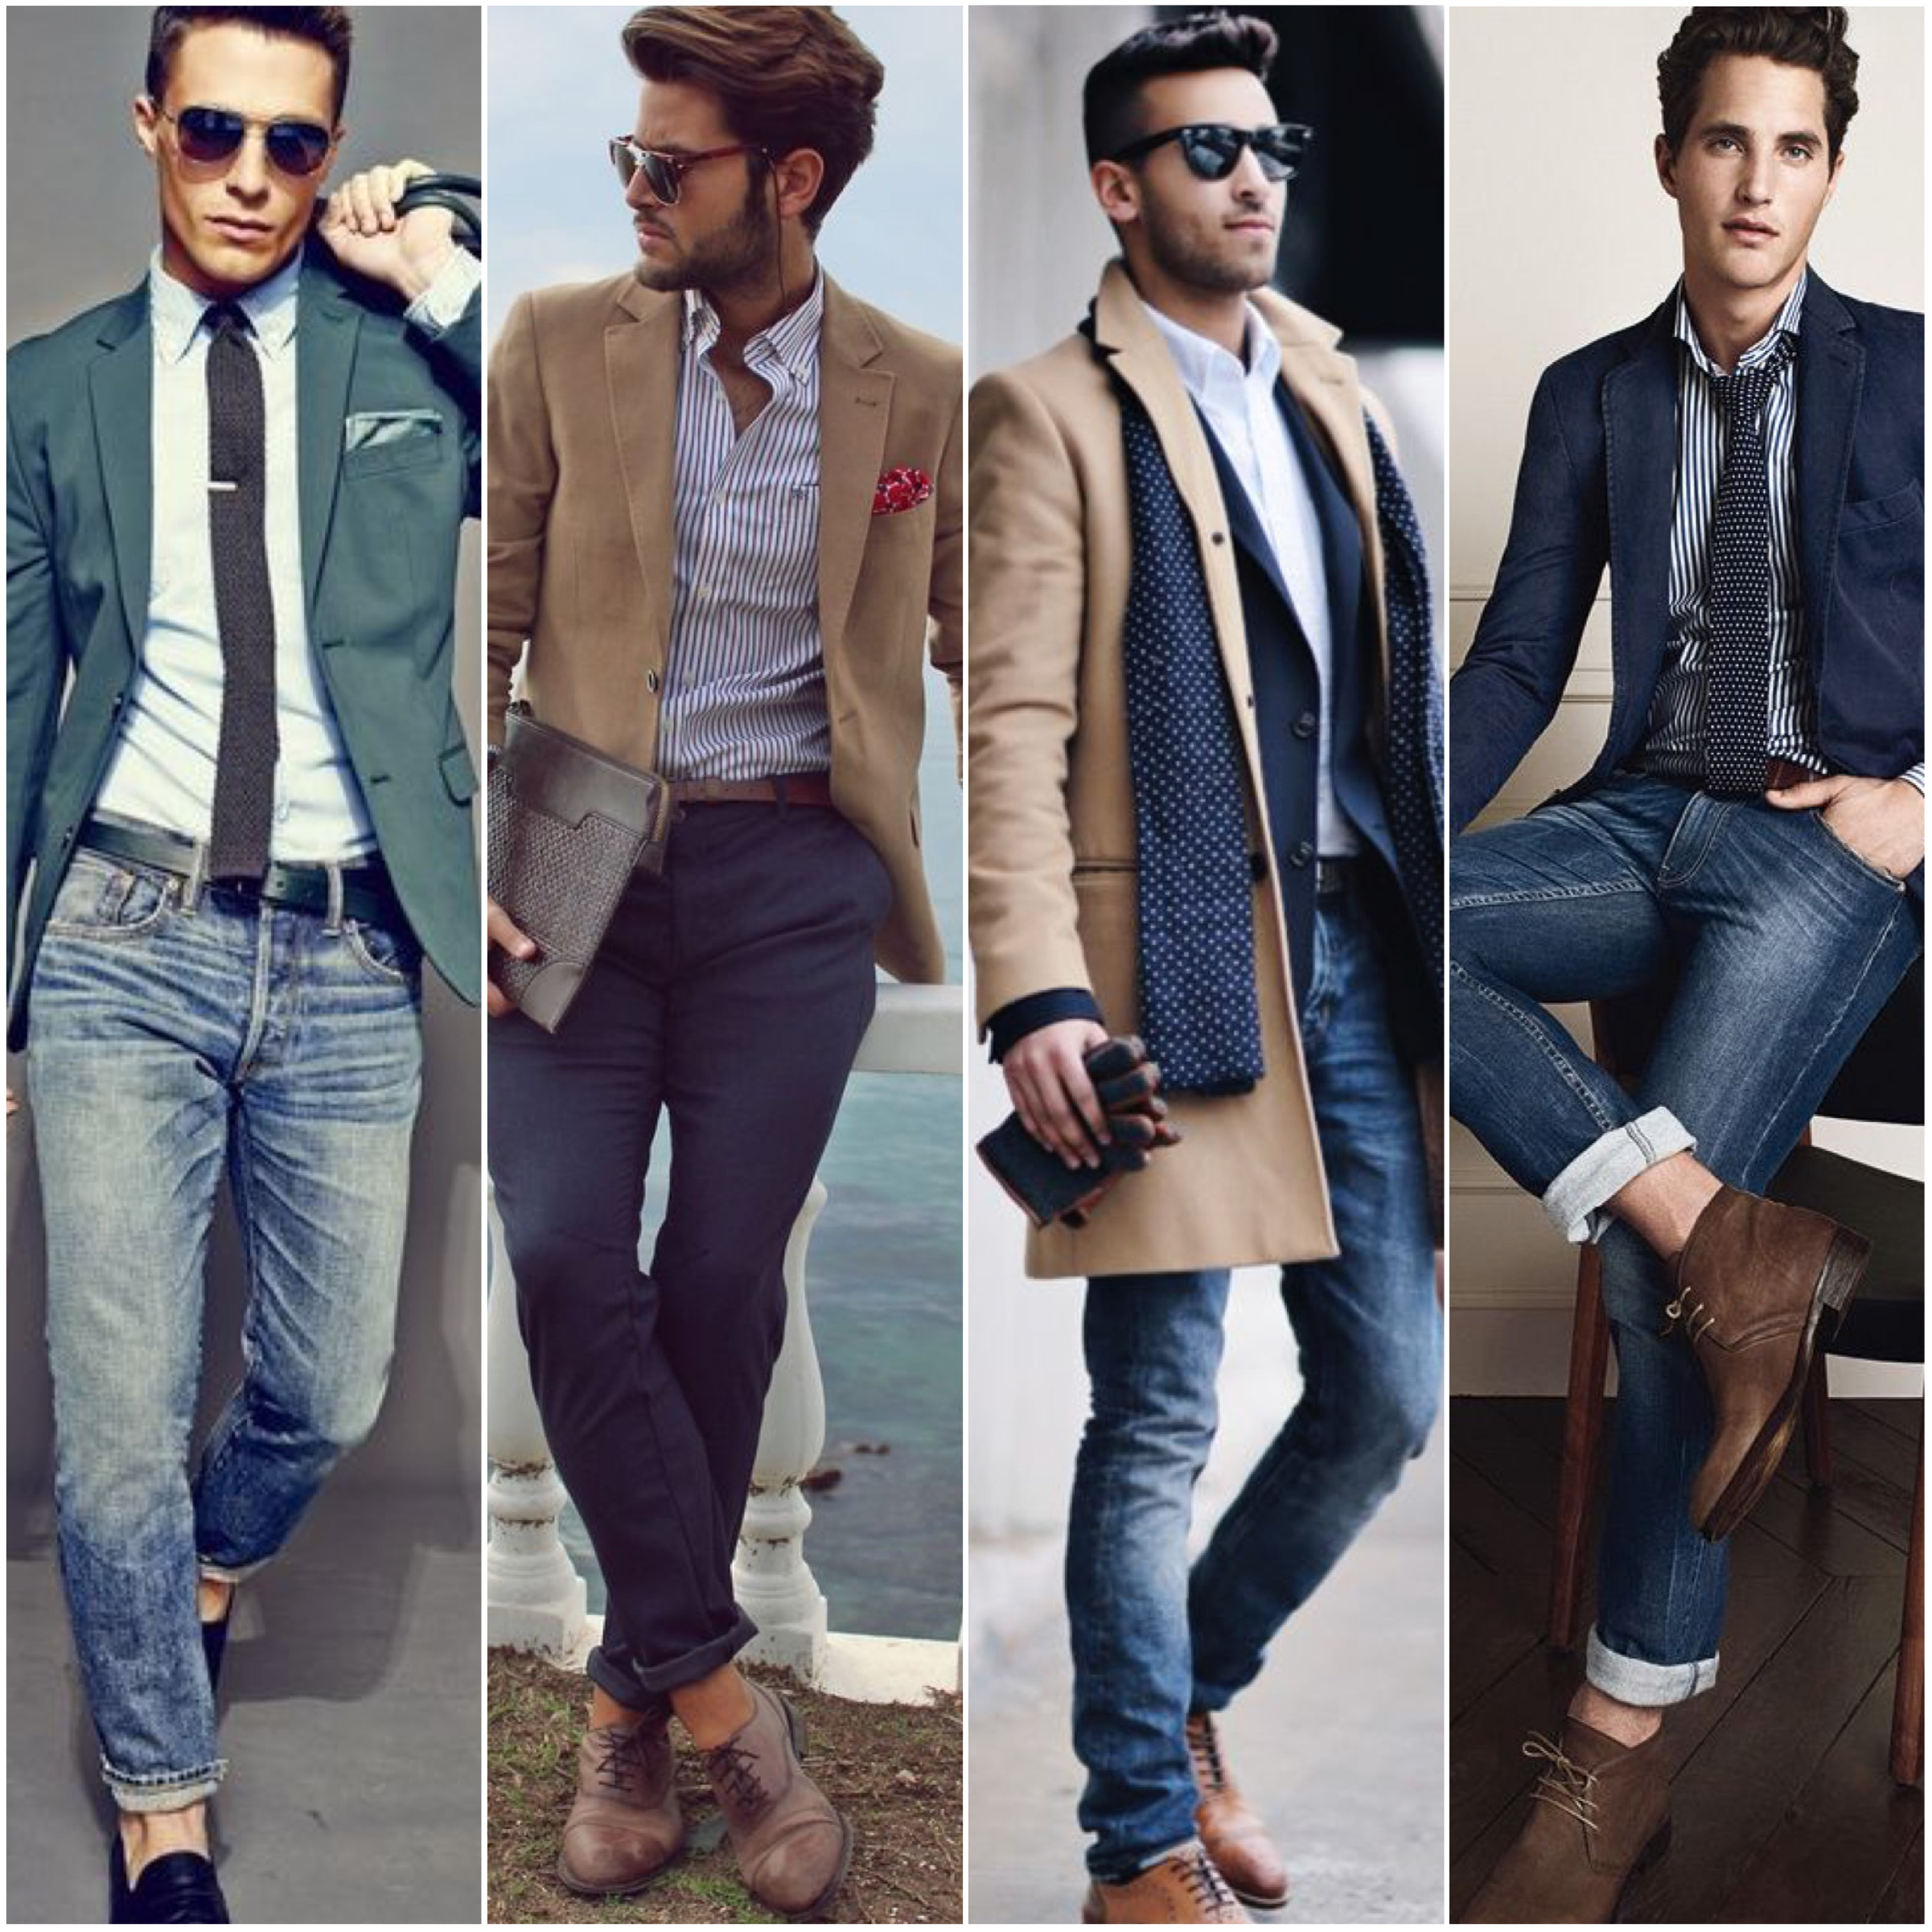 af0fcb7ac0 Egy jól megválasztott zakó, chino nadrág vagy egy blue jeans és egy elegáns  ing alapdarabjai minden férfi szekrényének, ezeket nyugodtan variálhatod,  ...